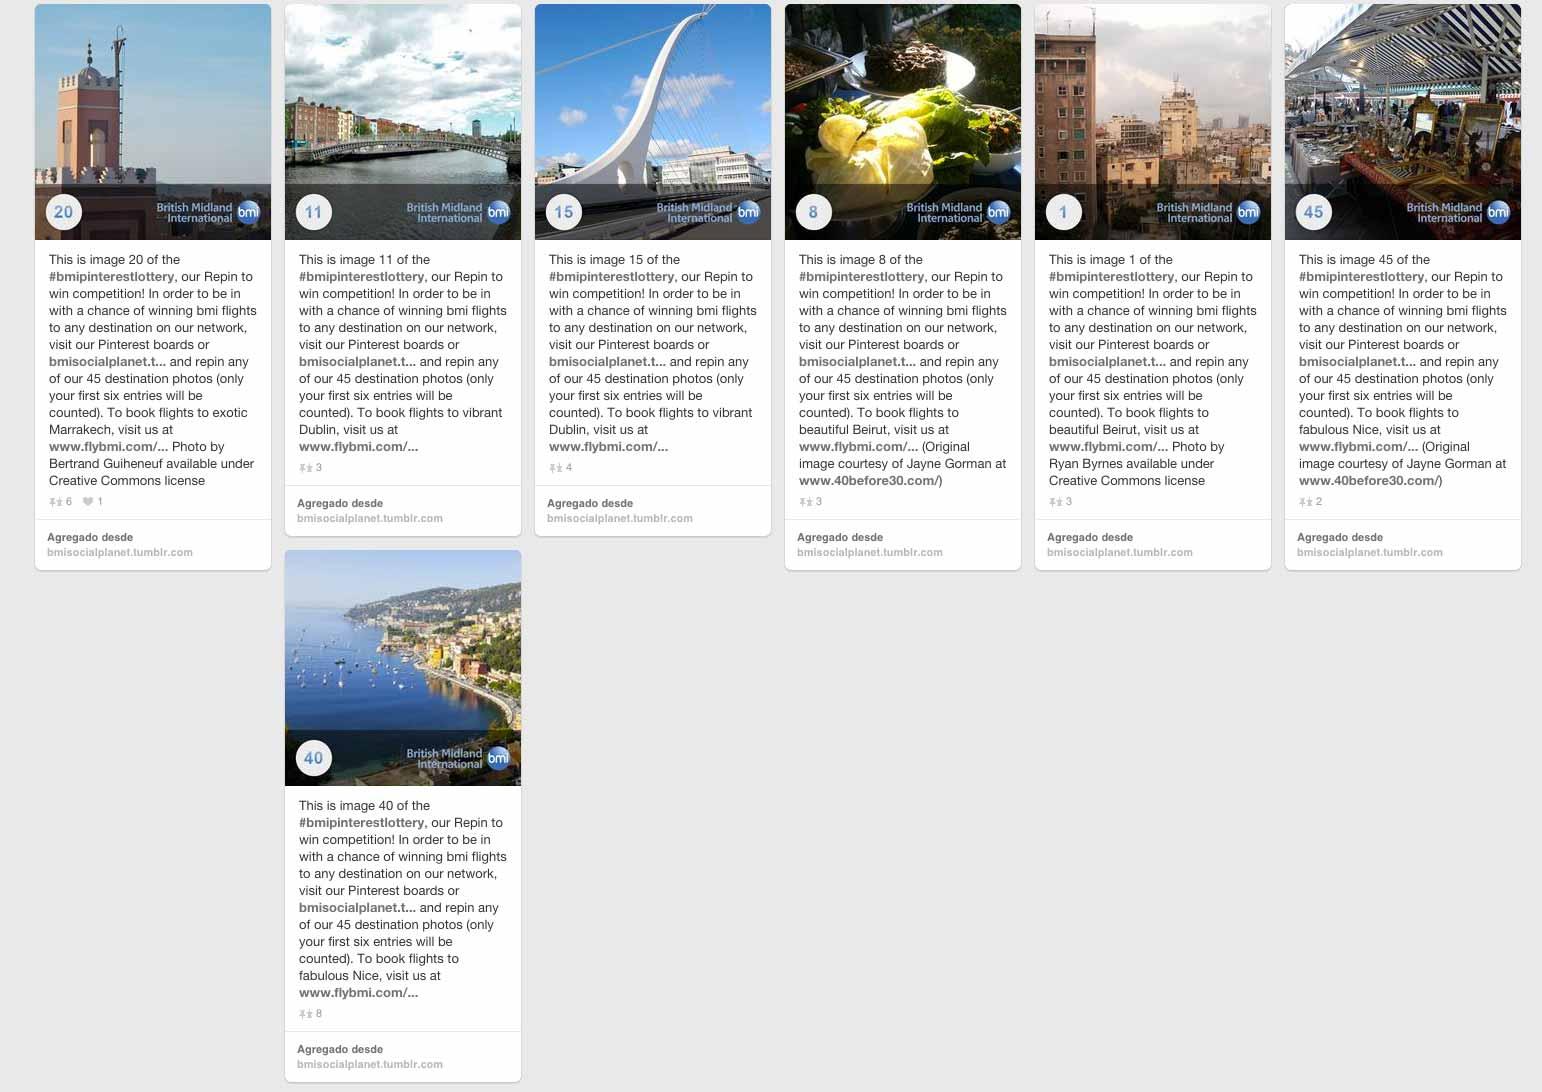 Imagen de algunas fotos de la campaña